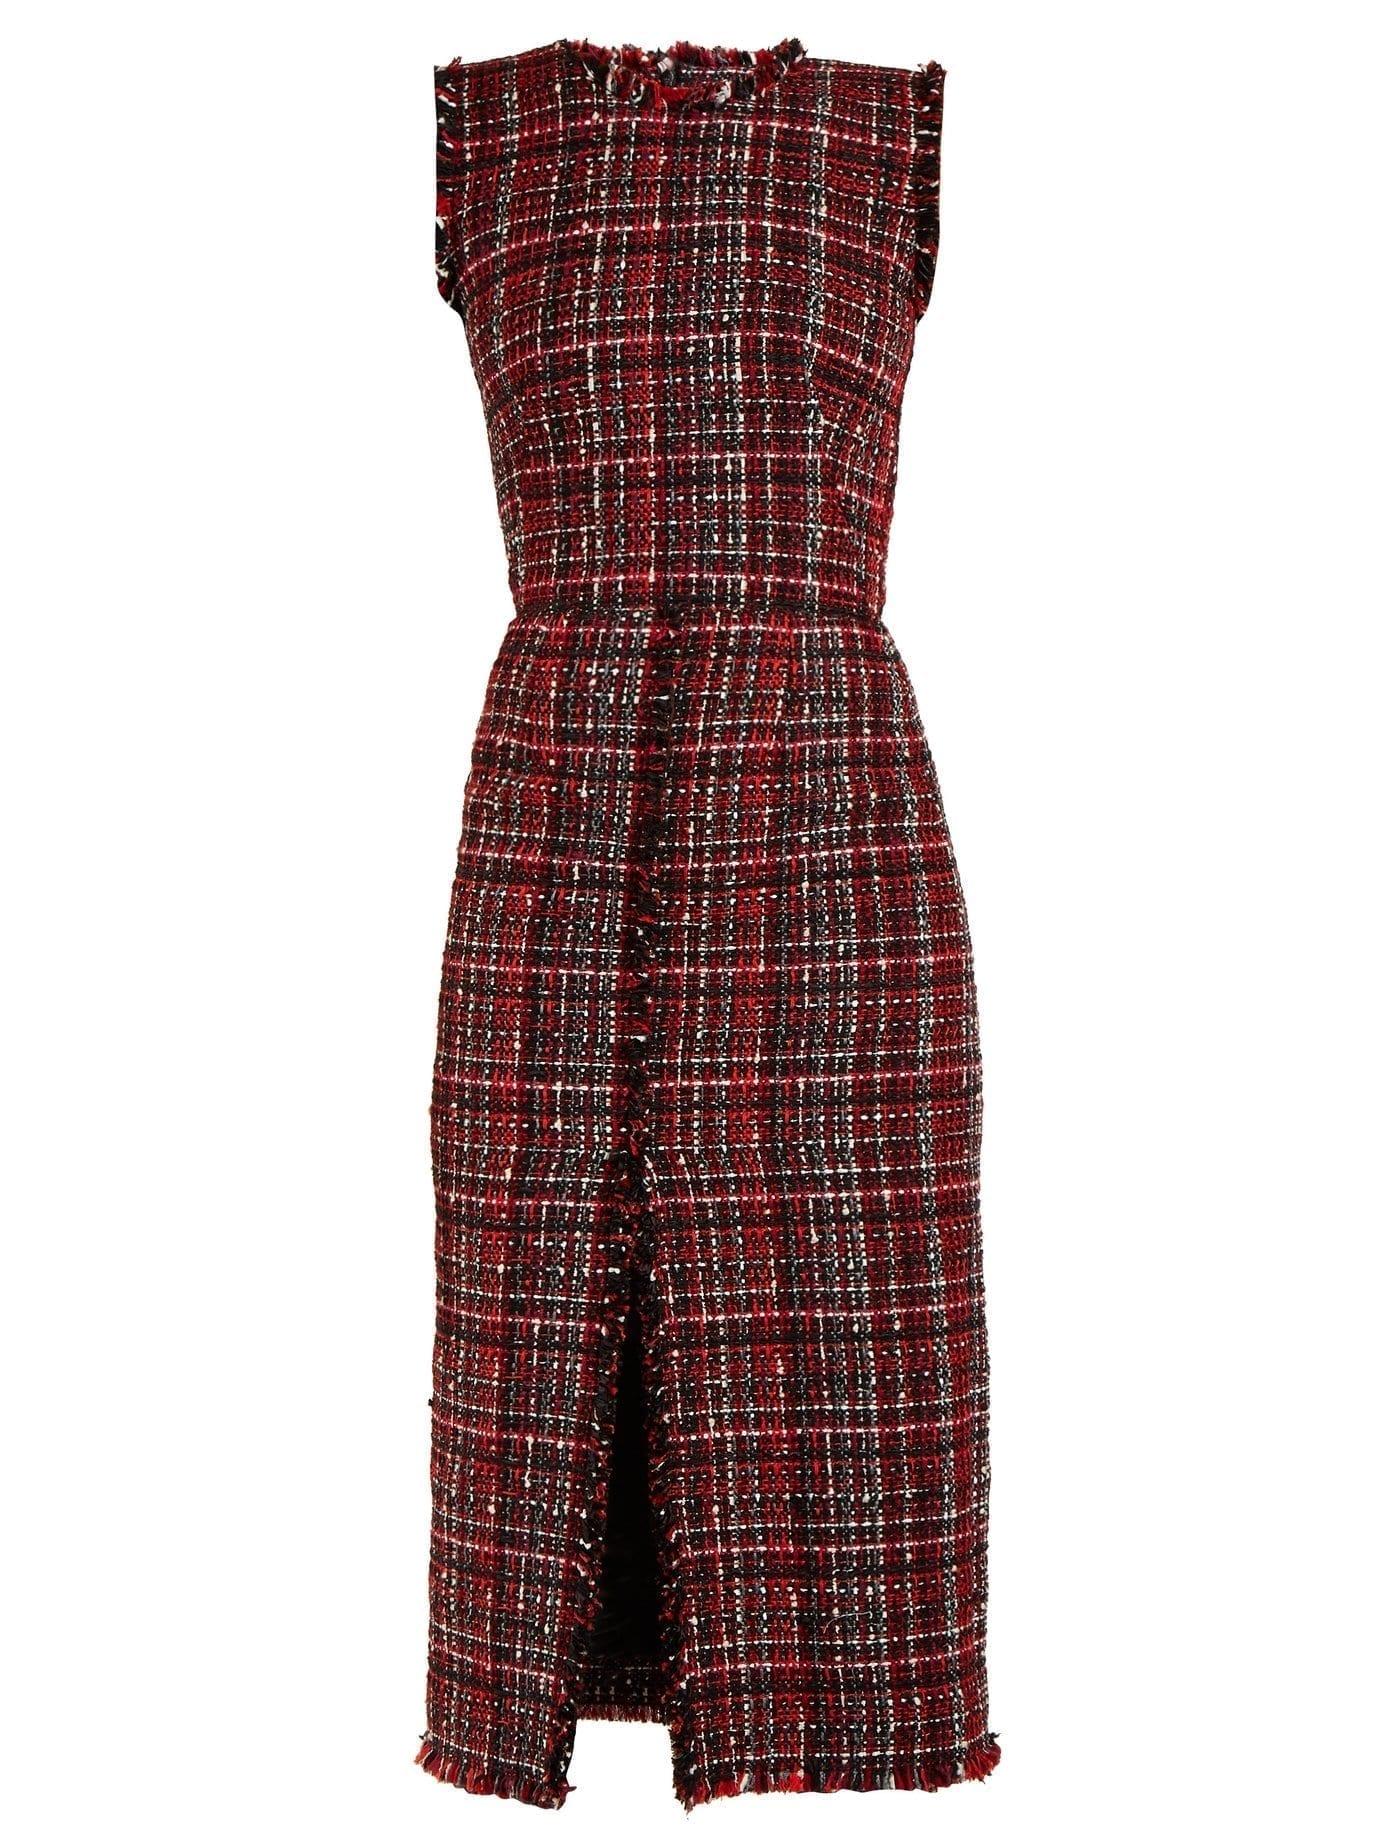 Alexander Mcqueen Tweed Pencil Red Dress We Select Dresses